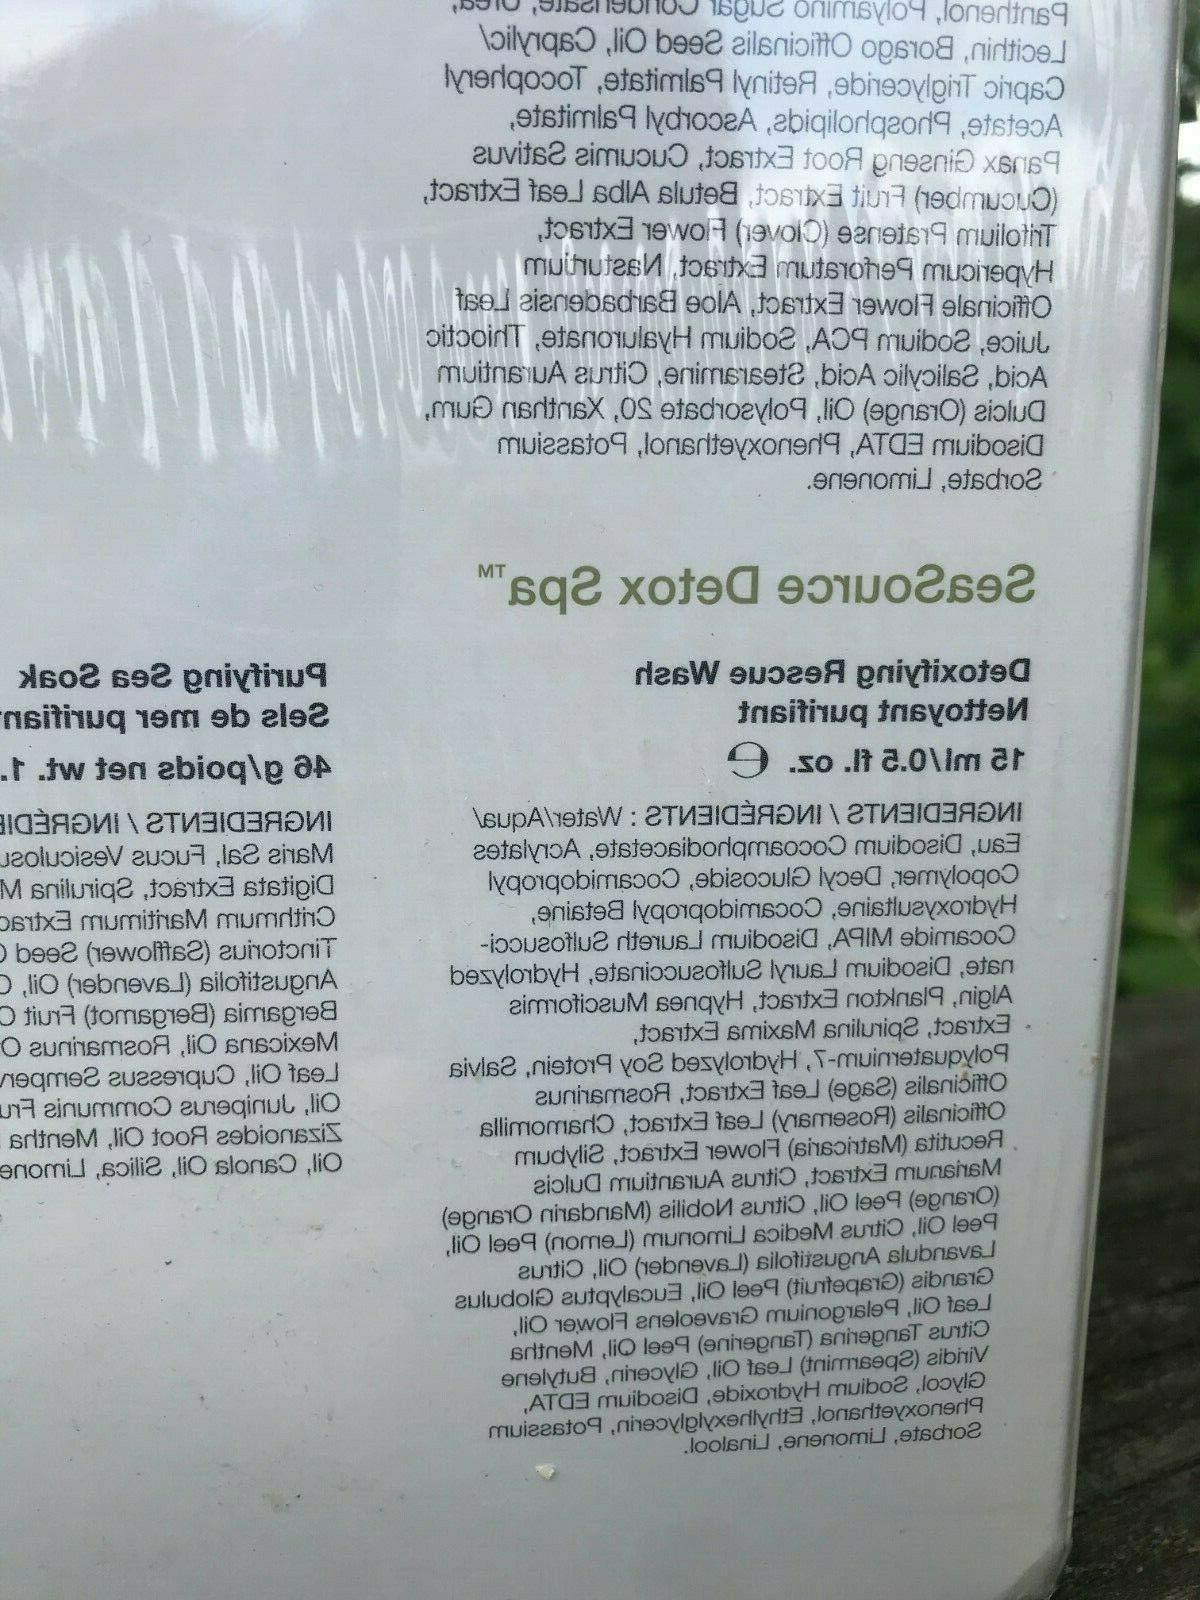 Arbonne NutriMinC RE9 Products Wash Creme Serum Detox Spa